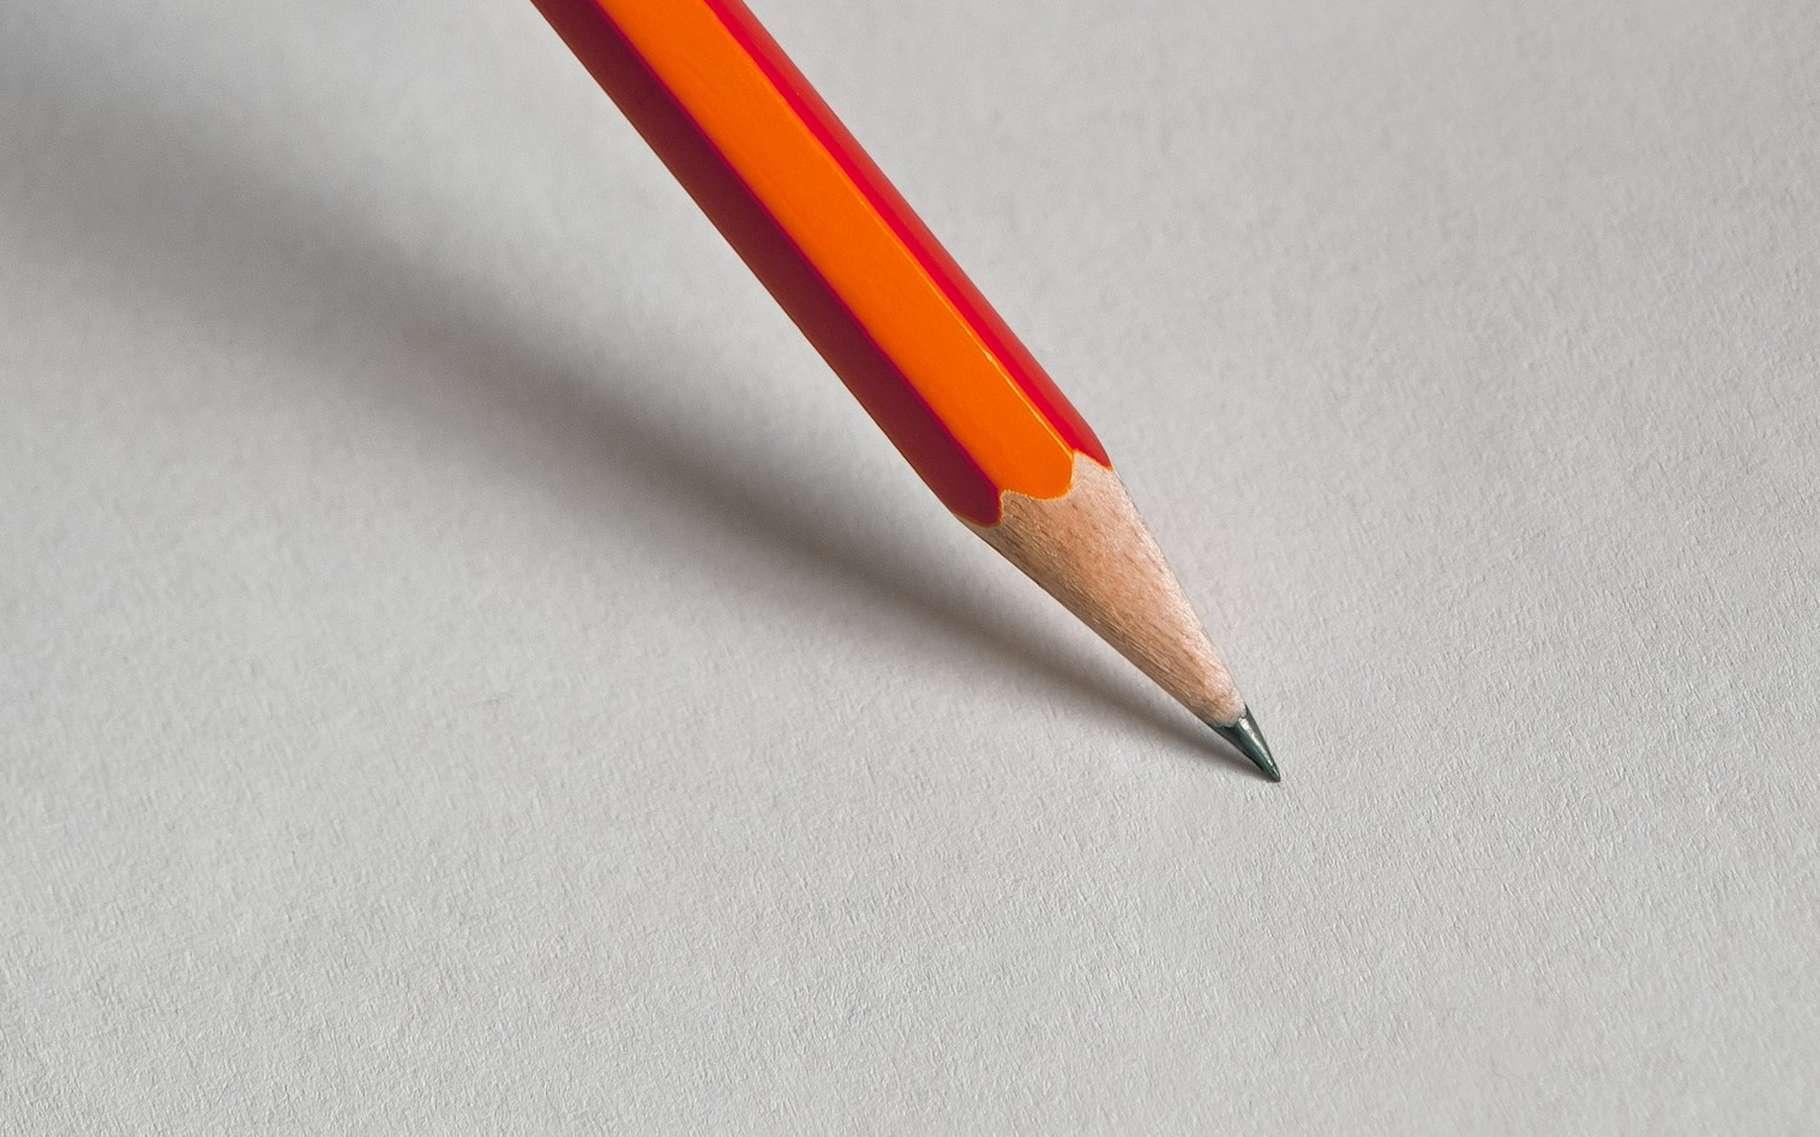 Le graphite, comme celui que l'on trouve dans les mines de crayons, est un conducteur d'électricité. © Devanath, Pixabay License